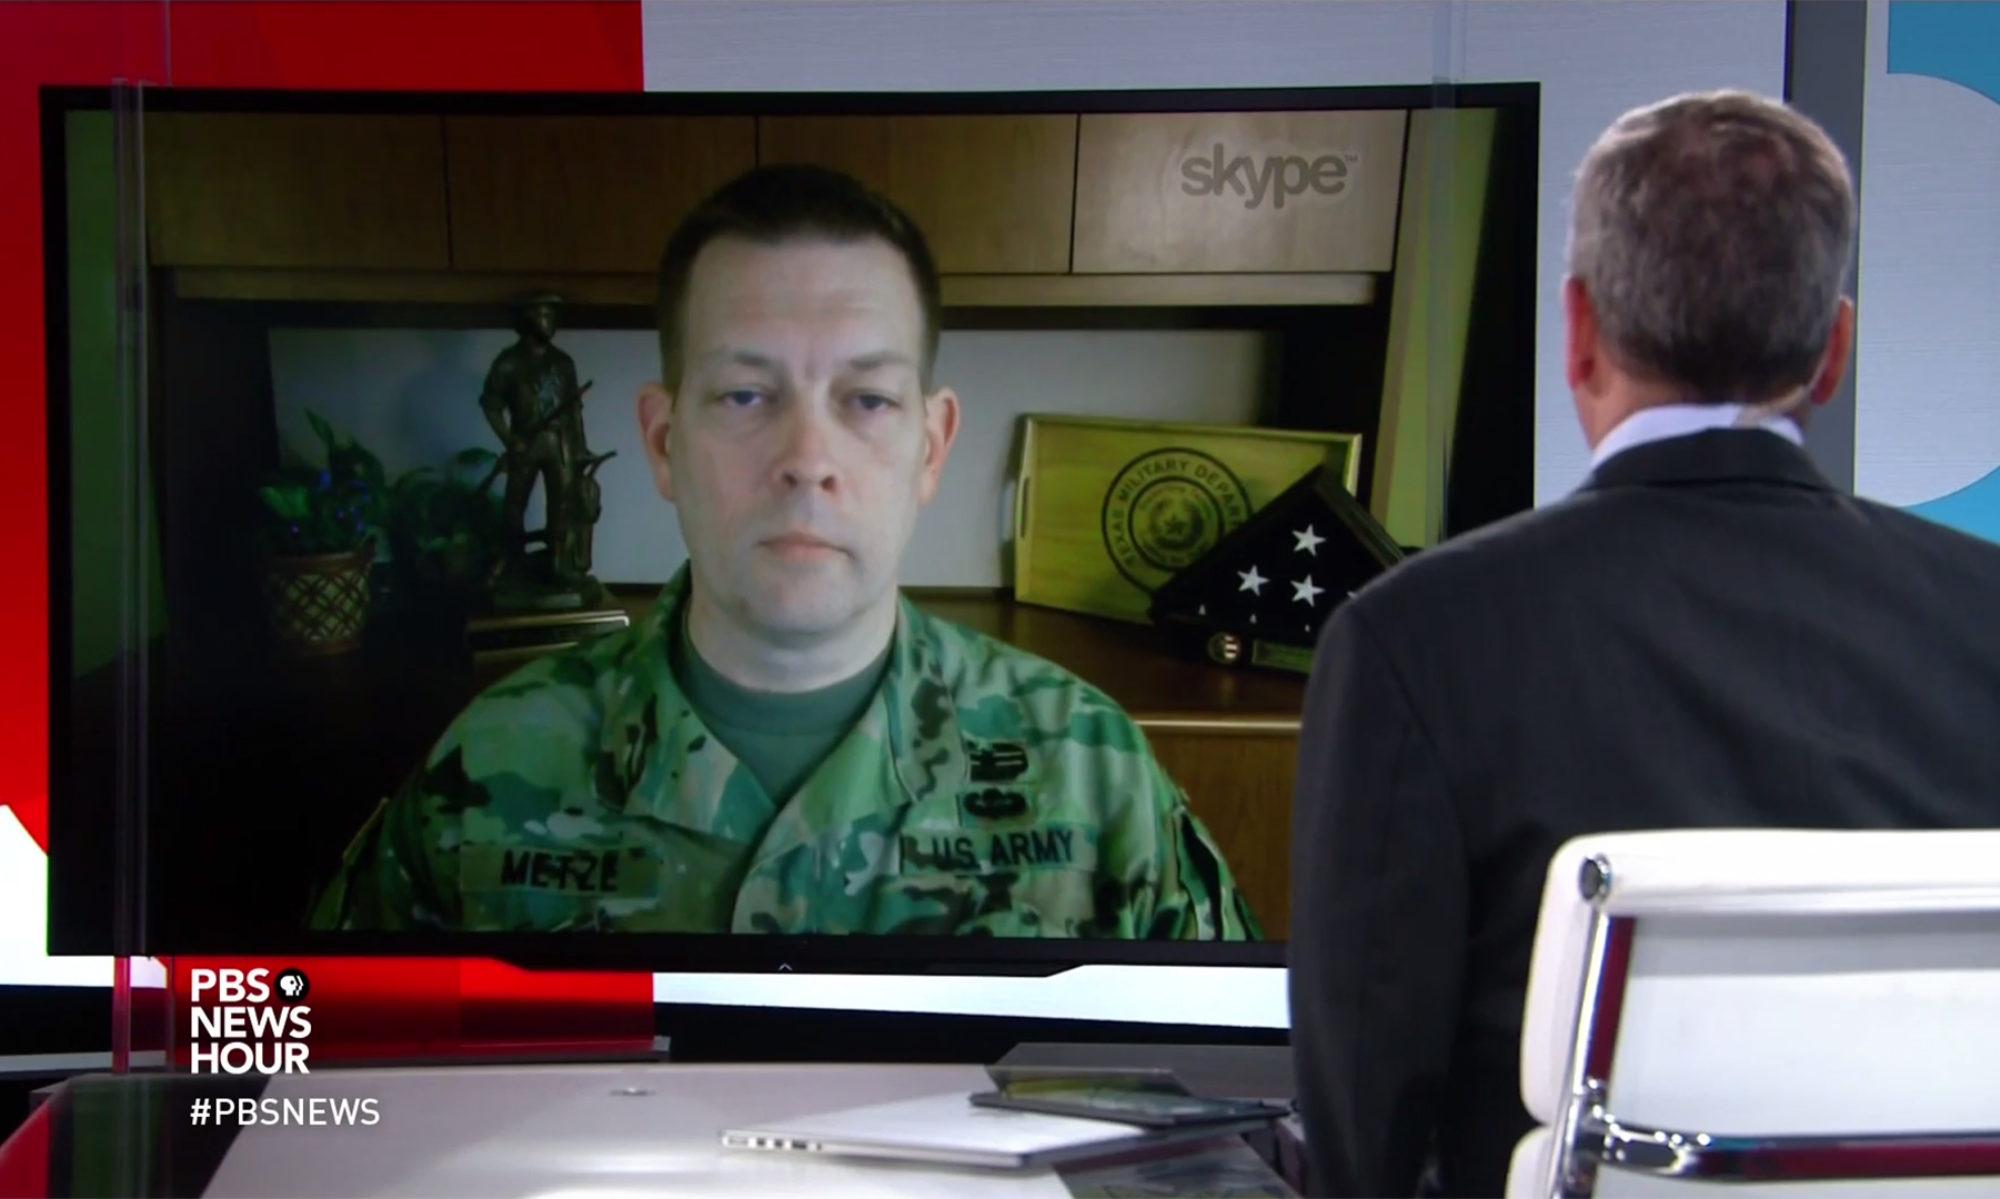 Col. Steven Metze